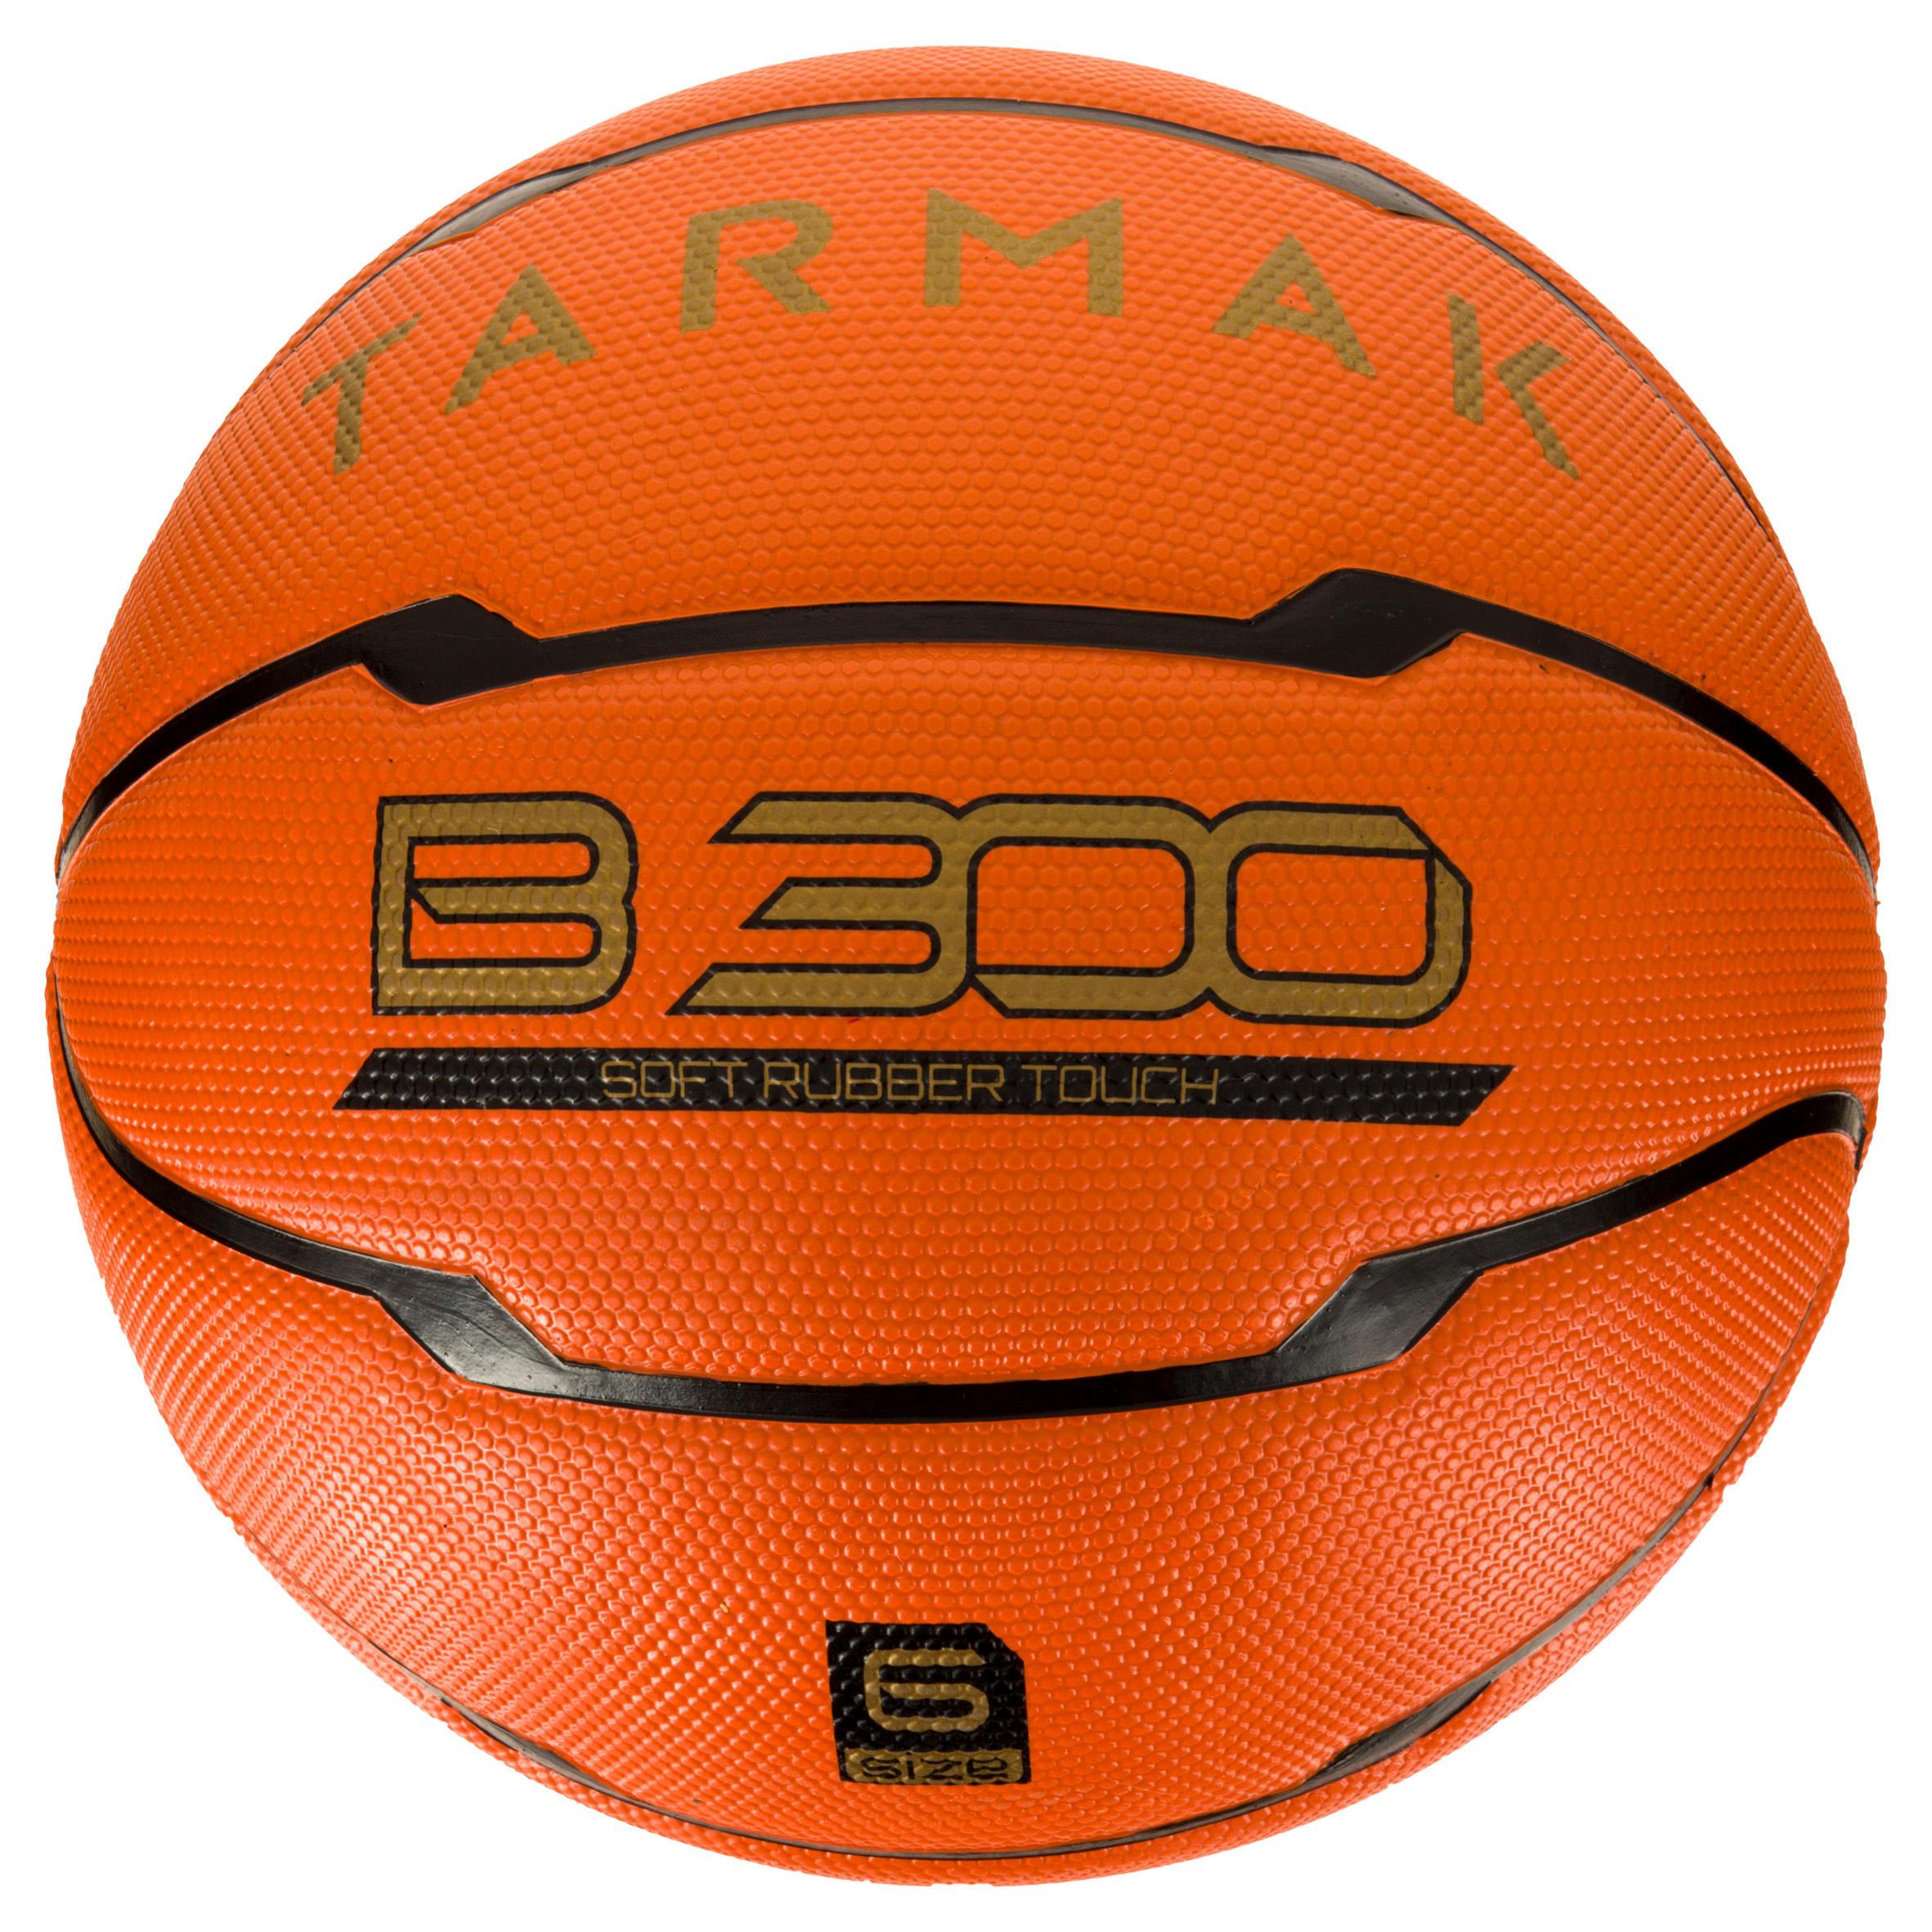 Tarmak Basketbal dames B300 maat 6